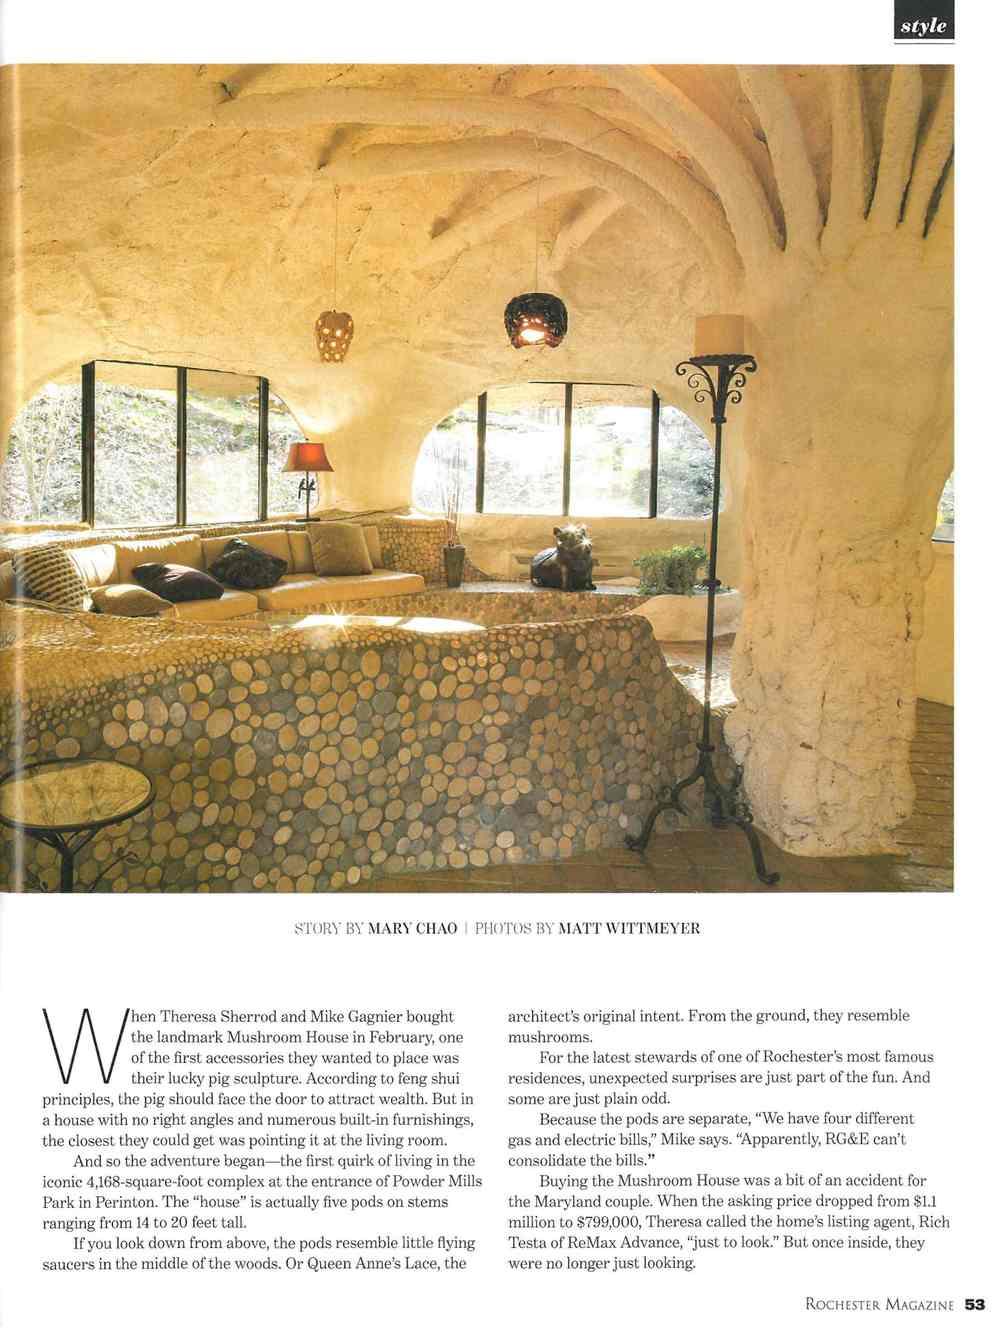 Rochester Magazine - page 4.jpg